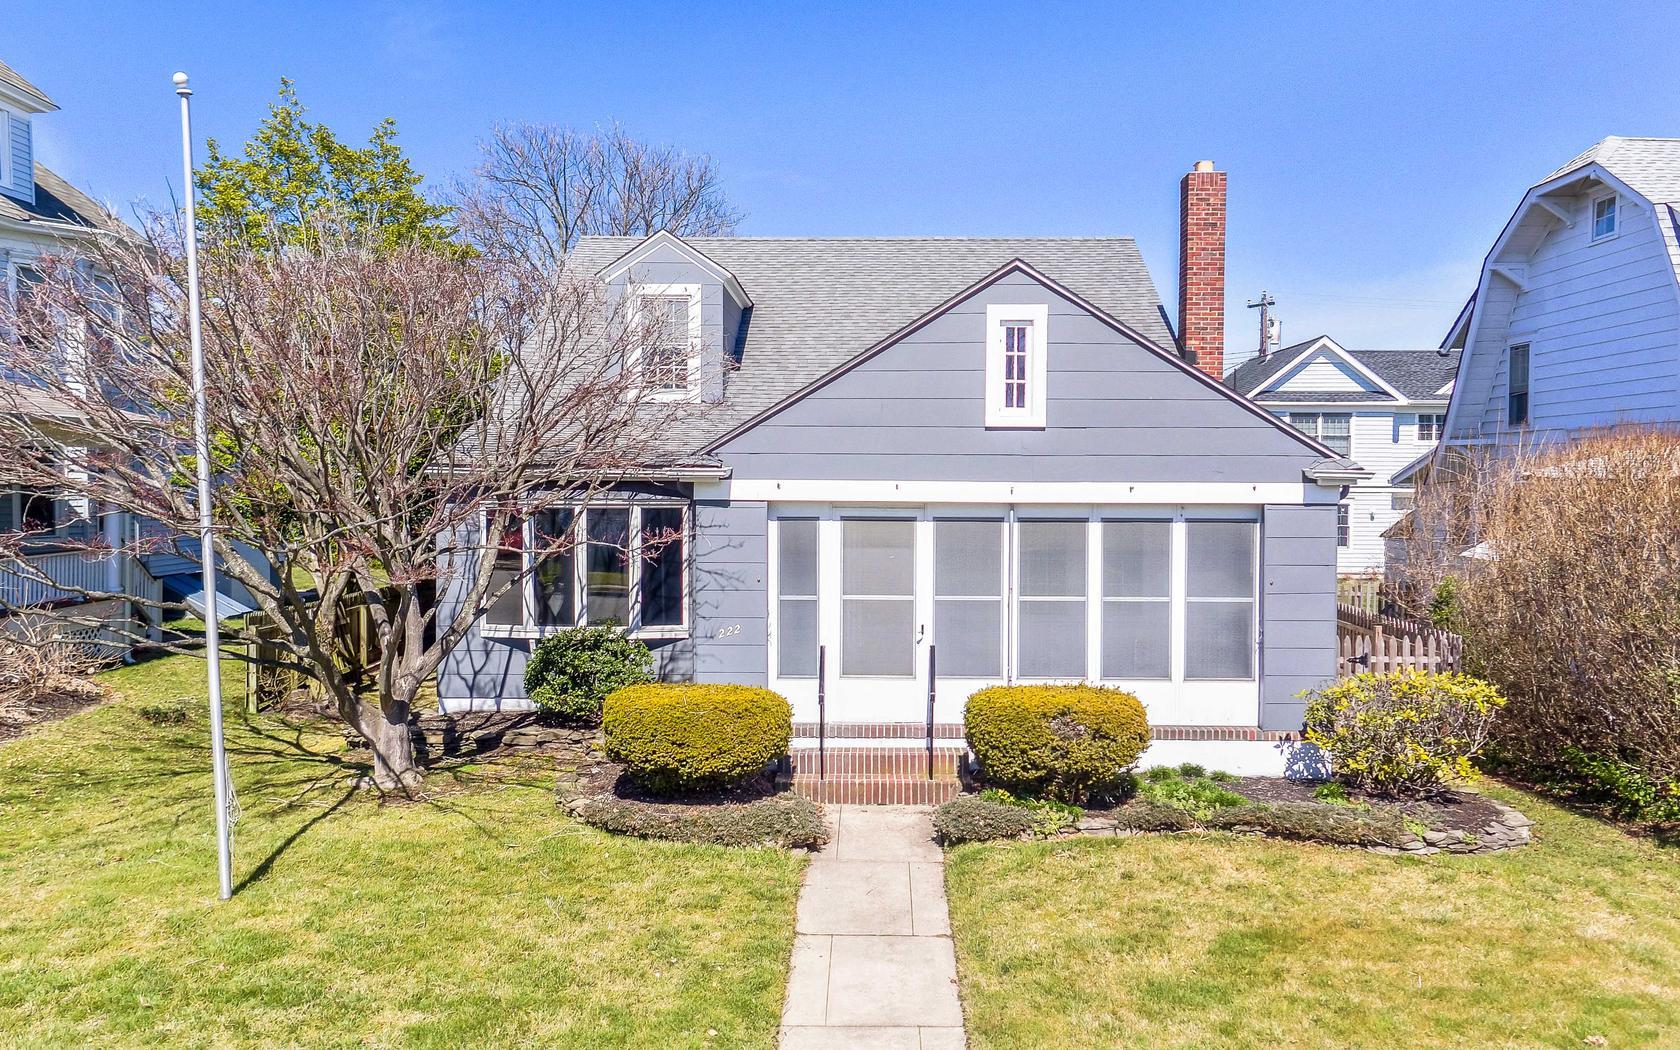 Maison unifamiliale pour l Vente à Avon Custom Cape 222 Washington Avenue Avon By The Sea, New Jersey, 07717 États-Unis